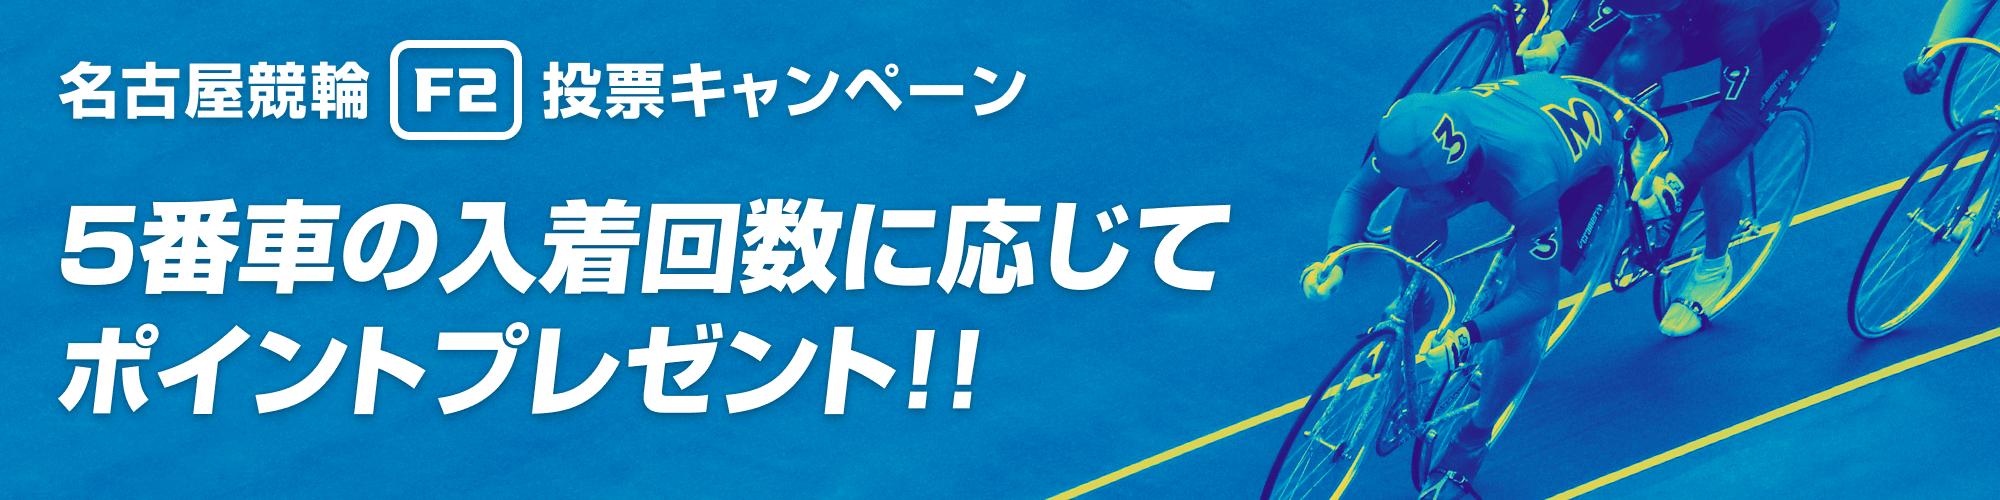 名古屋競輪のバナー